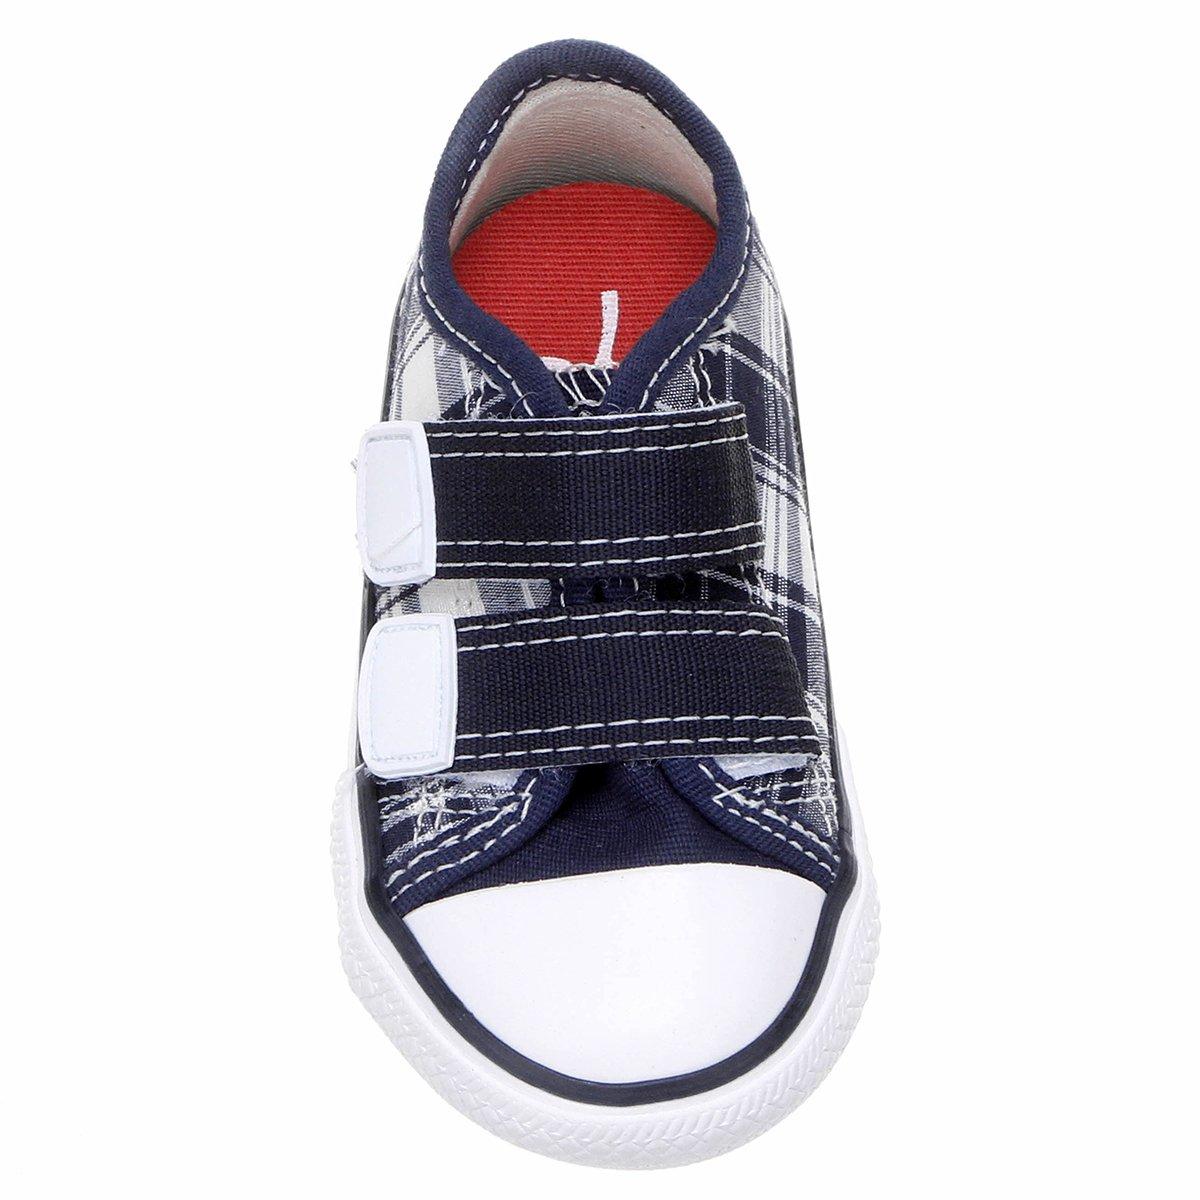 28cbcde0b1c Tênis Diversão Velcro Baby Game Xadrez - Compre Agora